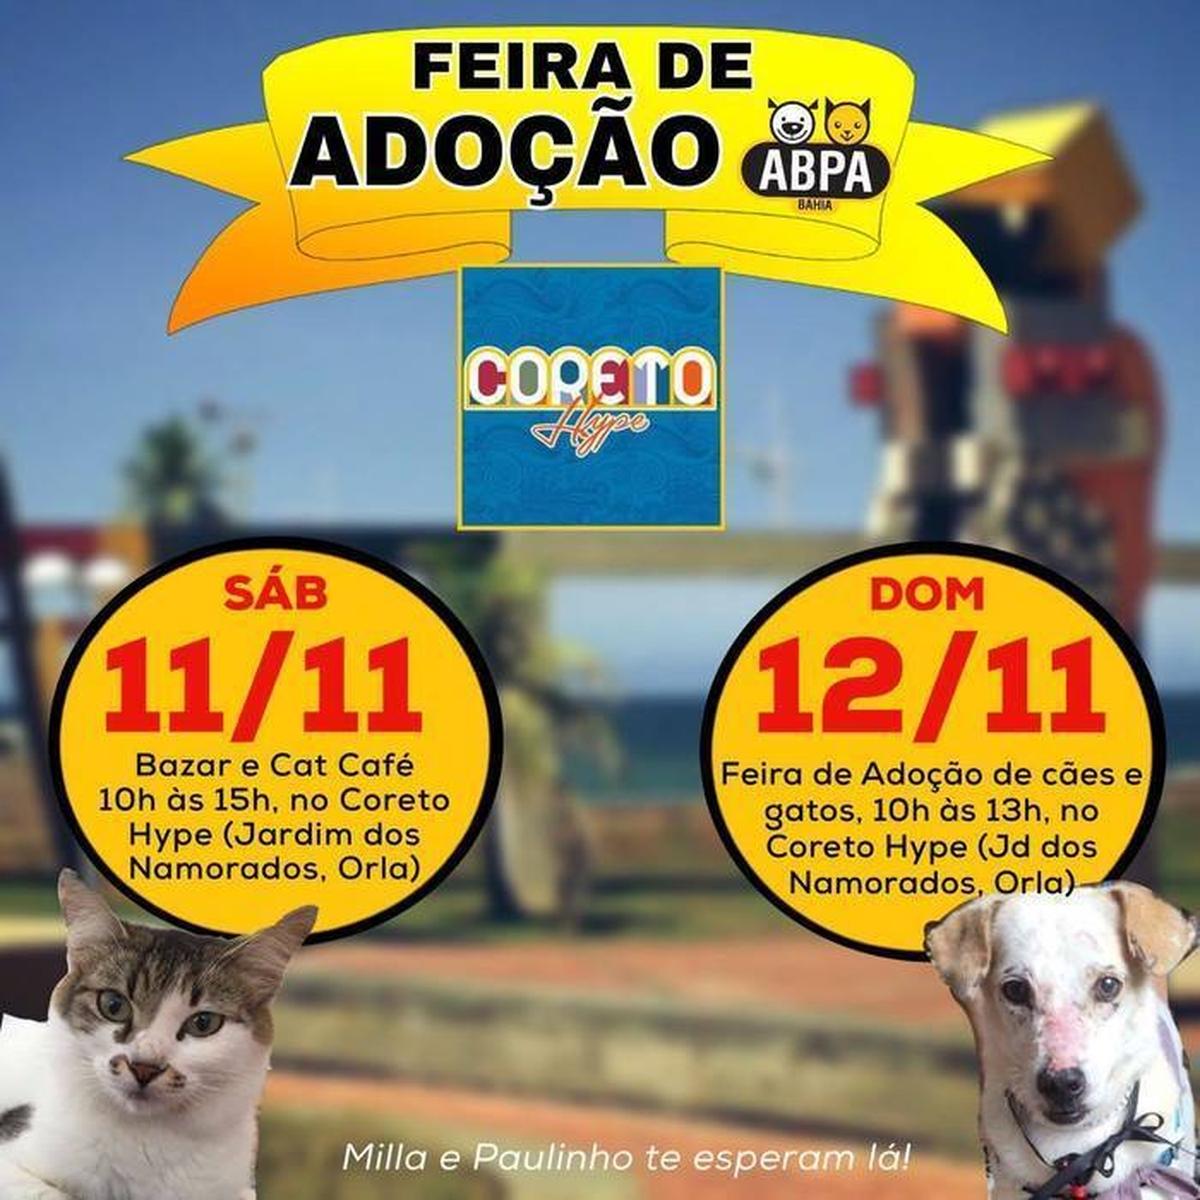 Feira de Adoção de Cães e Gatos da ABPA/BA